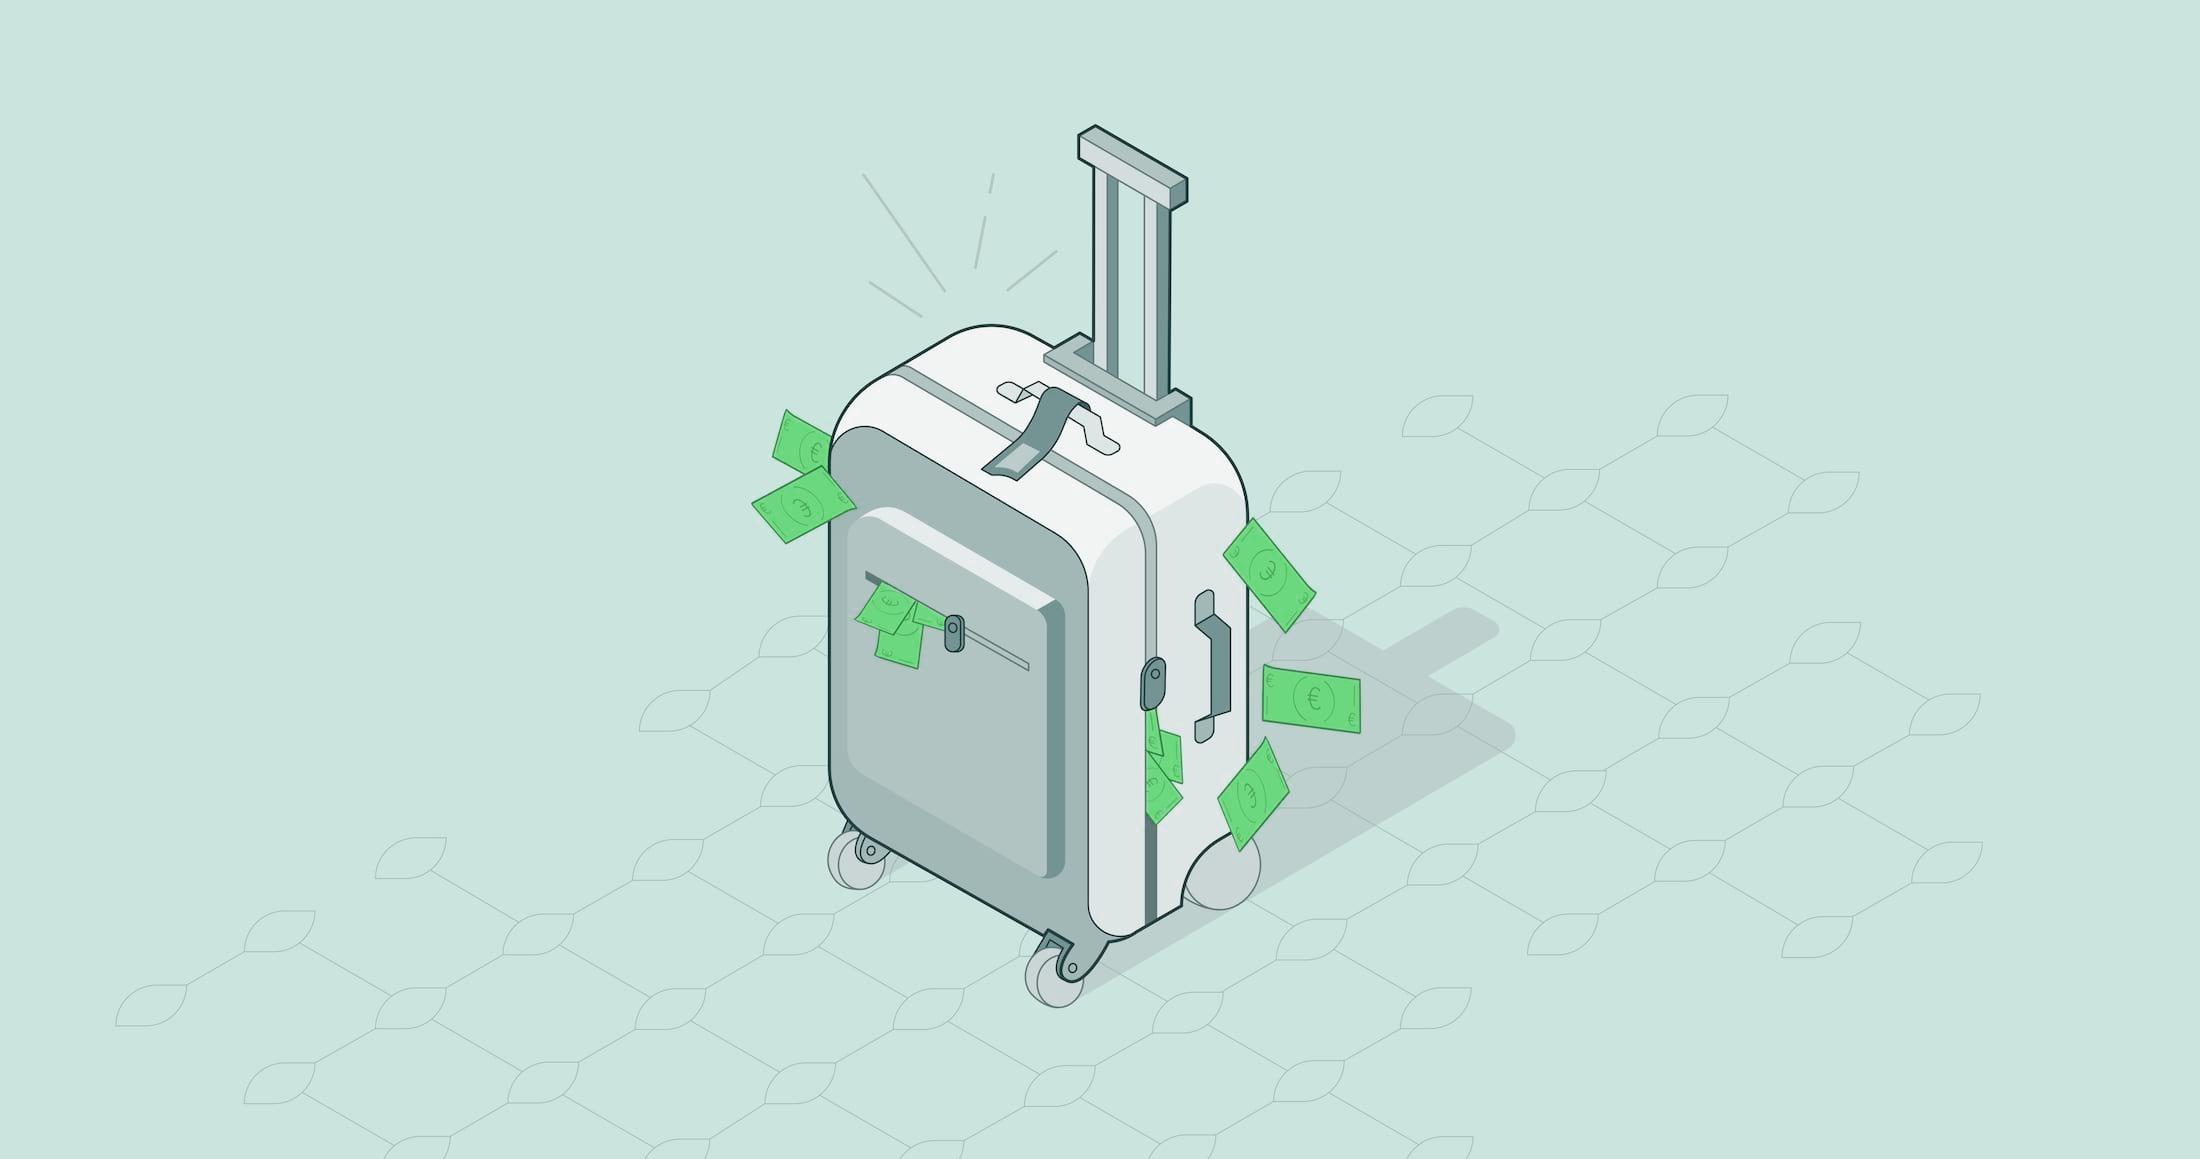 Je vakantiegeld beleggen? We geven 4 voordelen